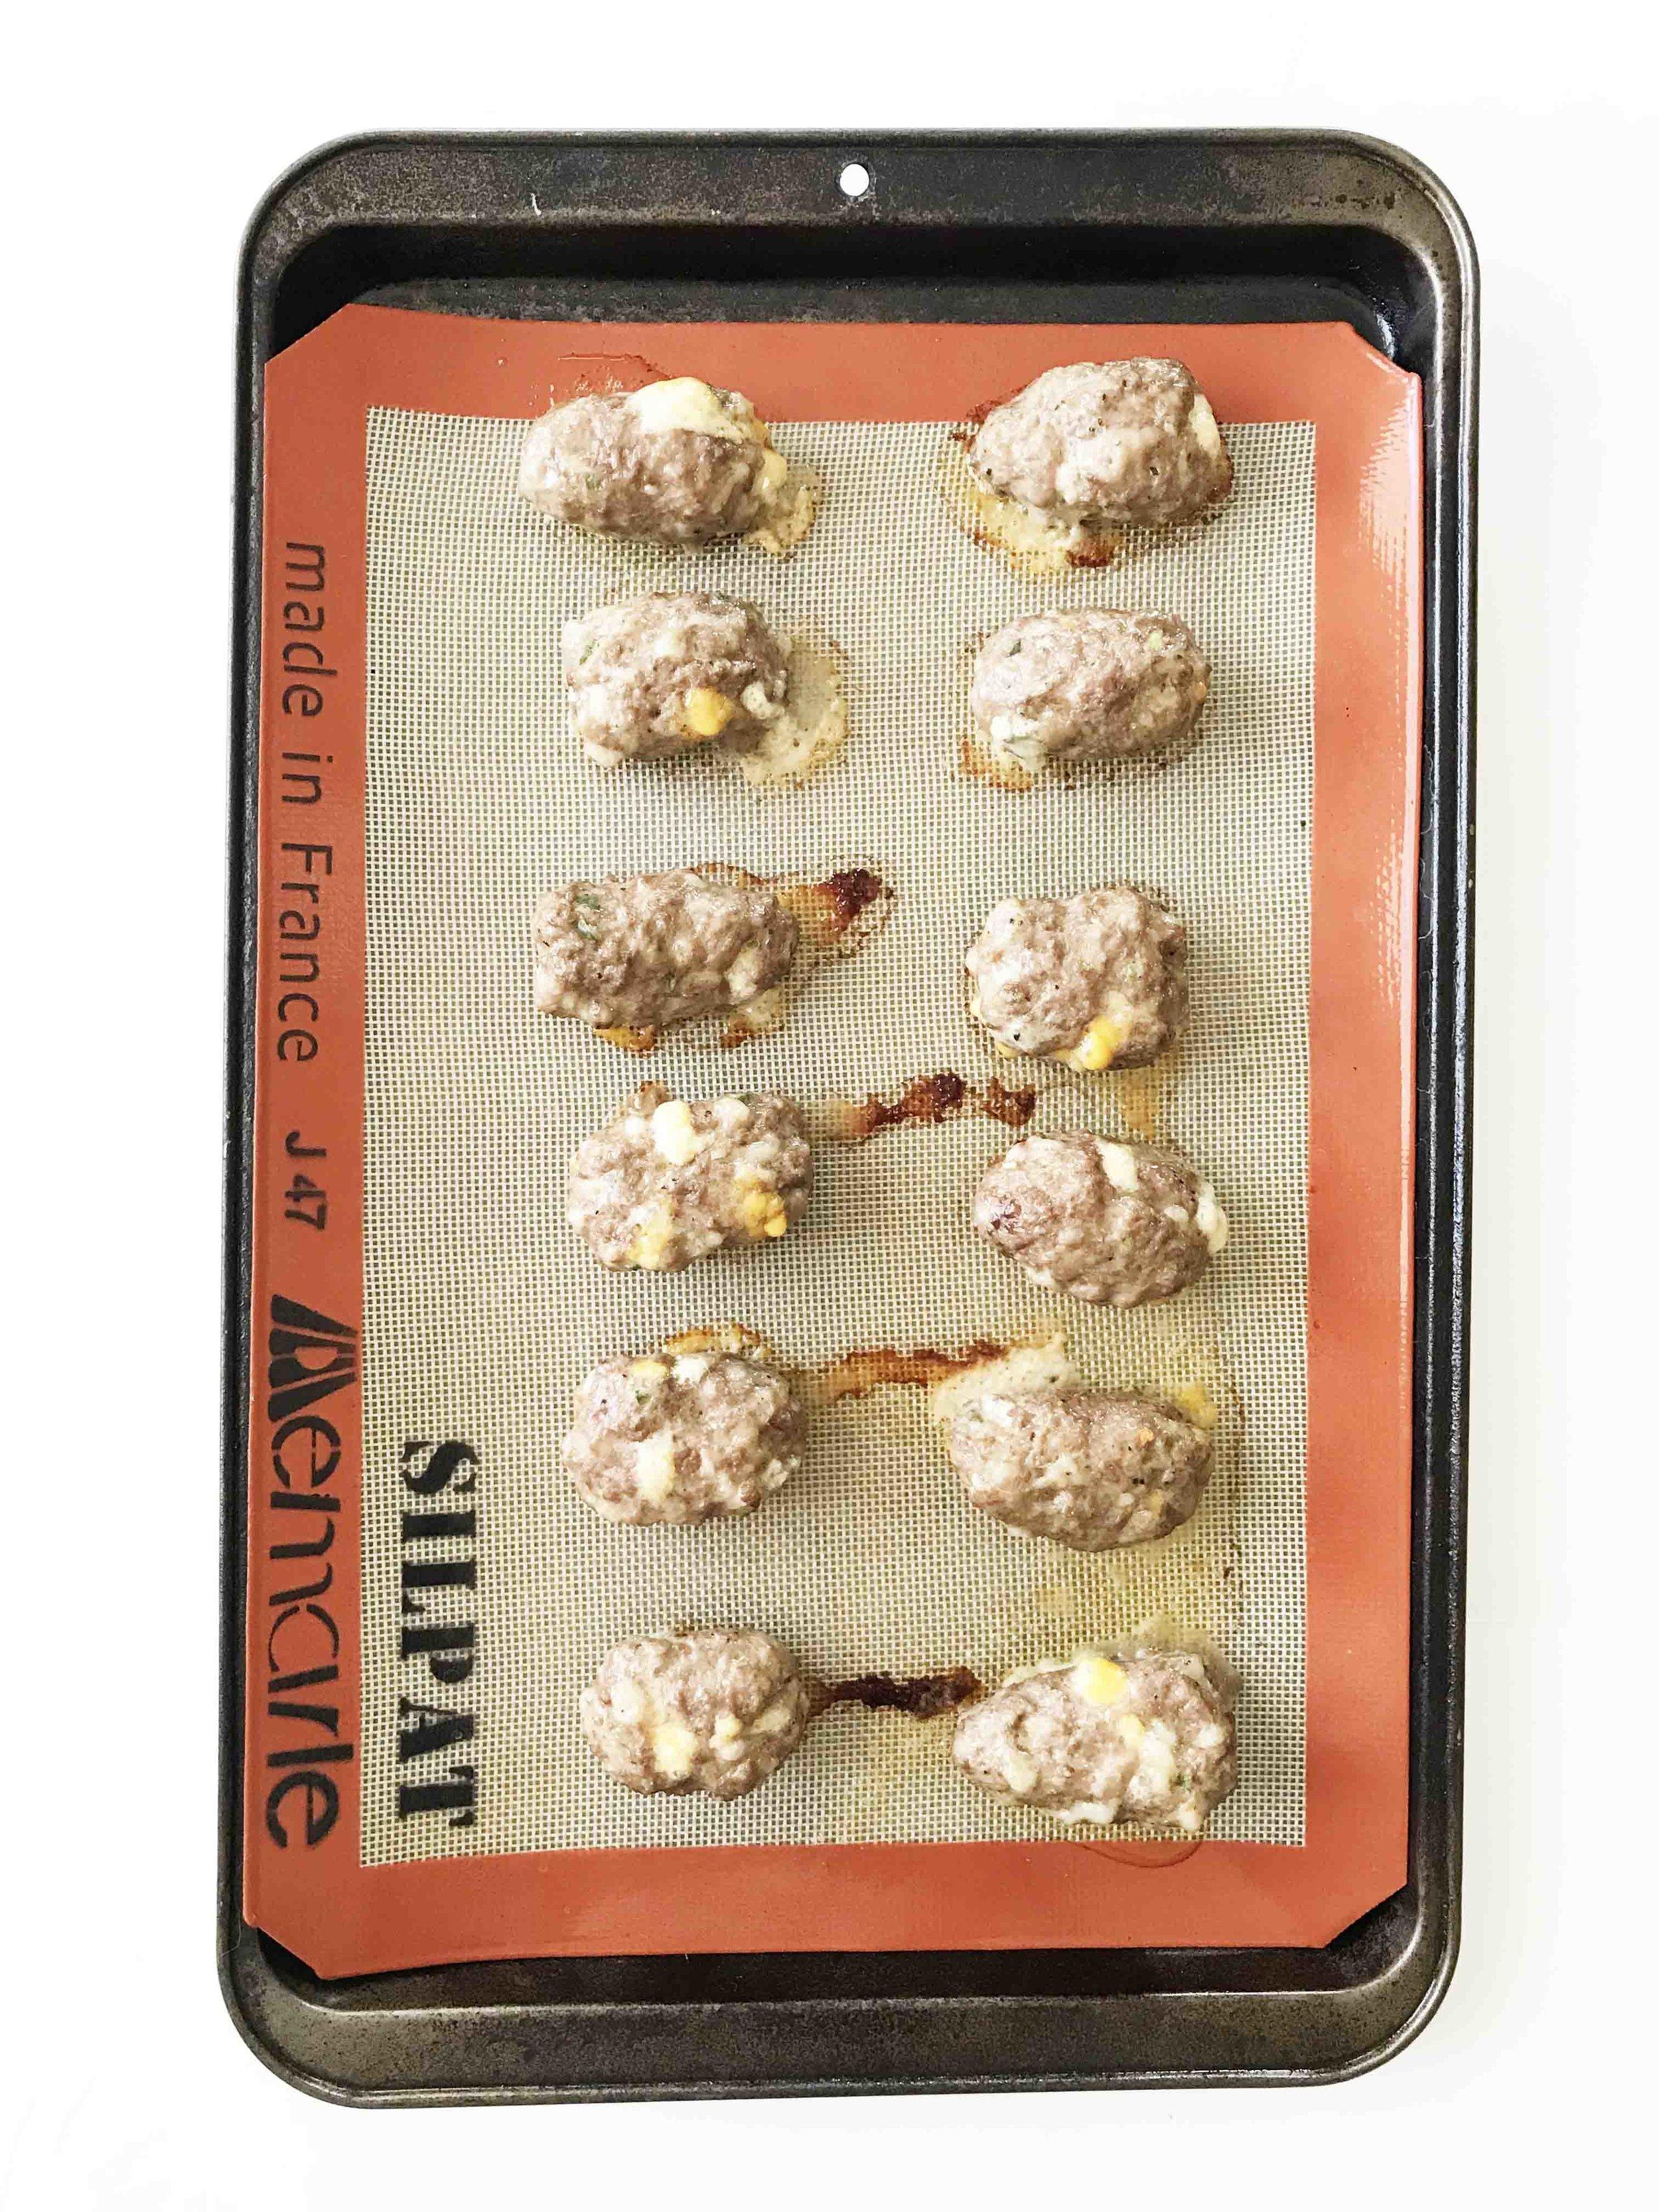 armadillo-eggs15.jpg